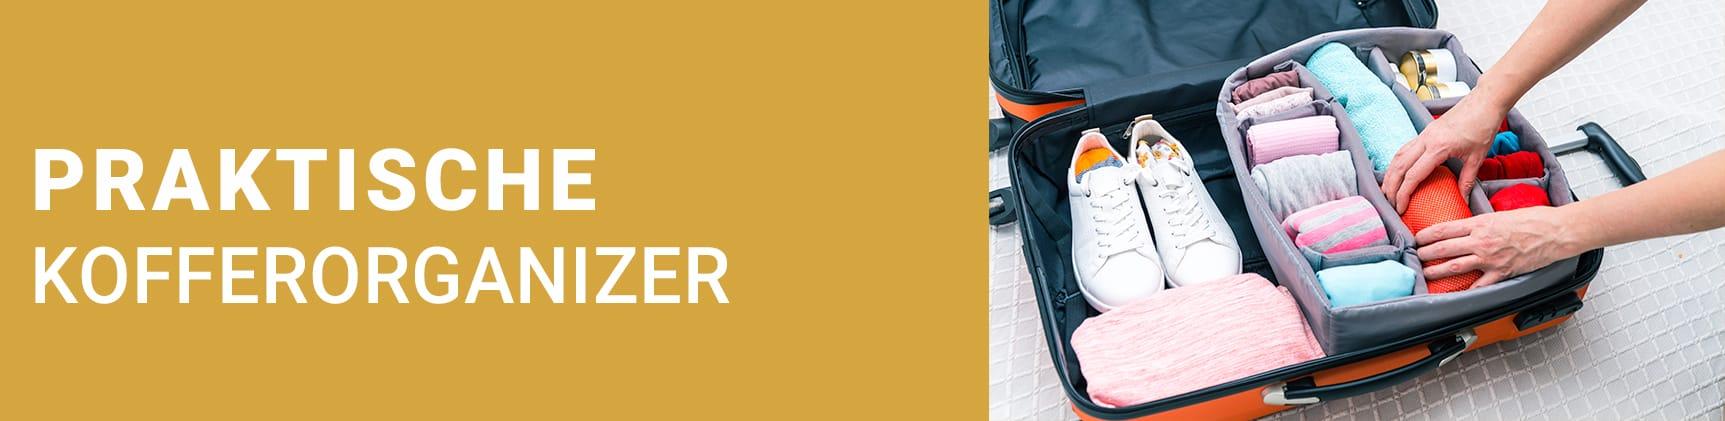 Koffer Organizer online portofrei bestellen